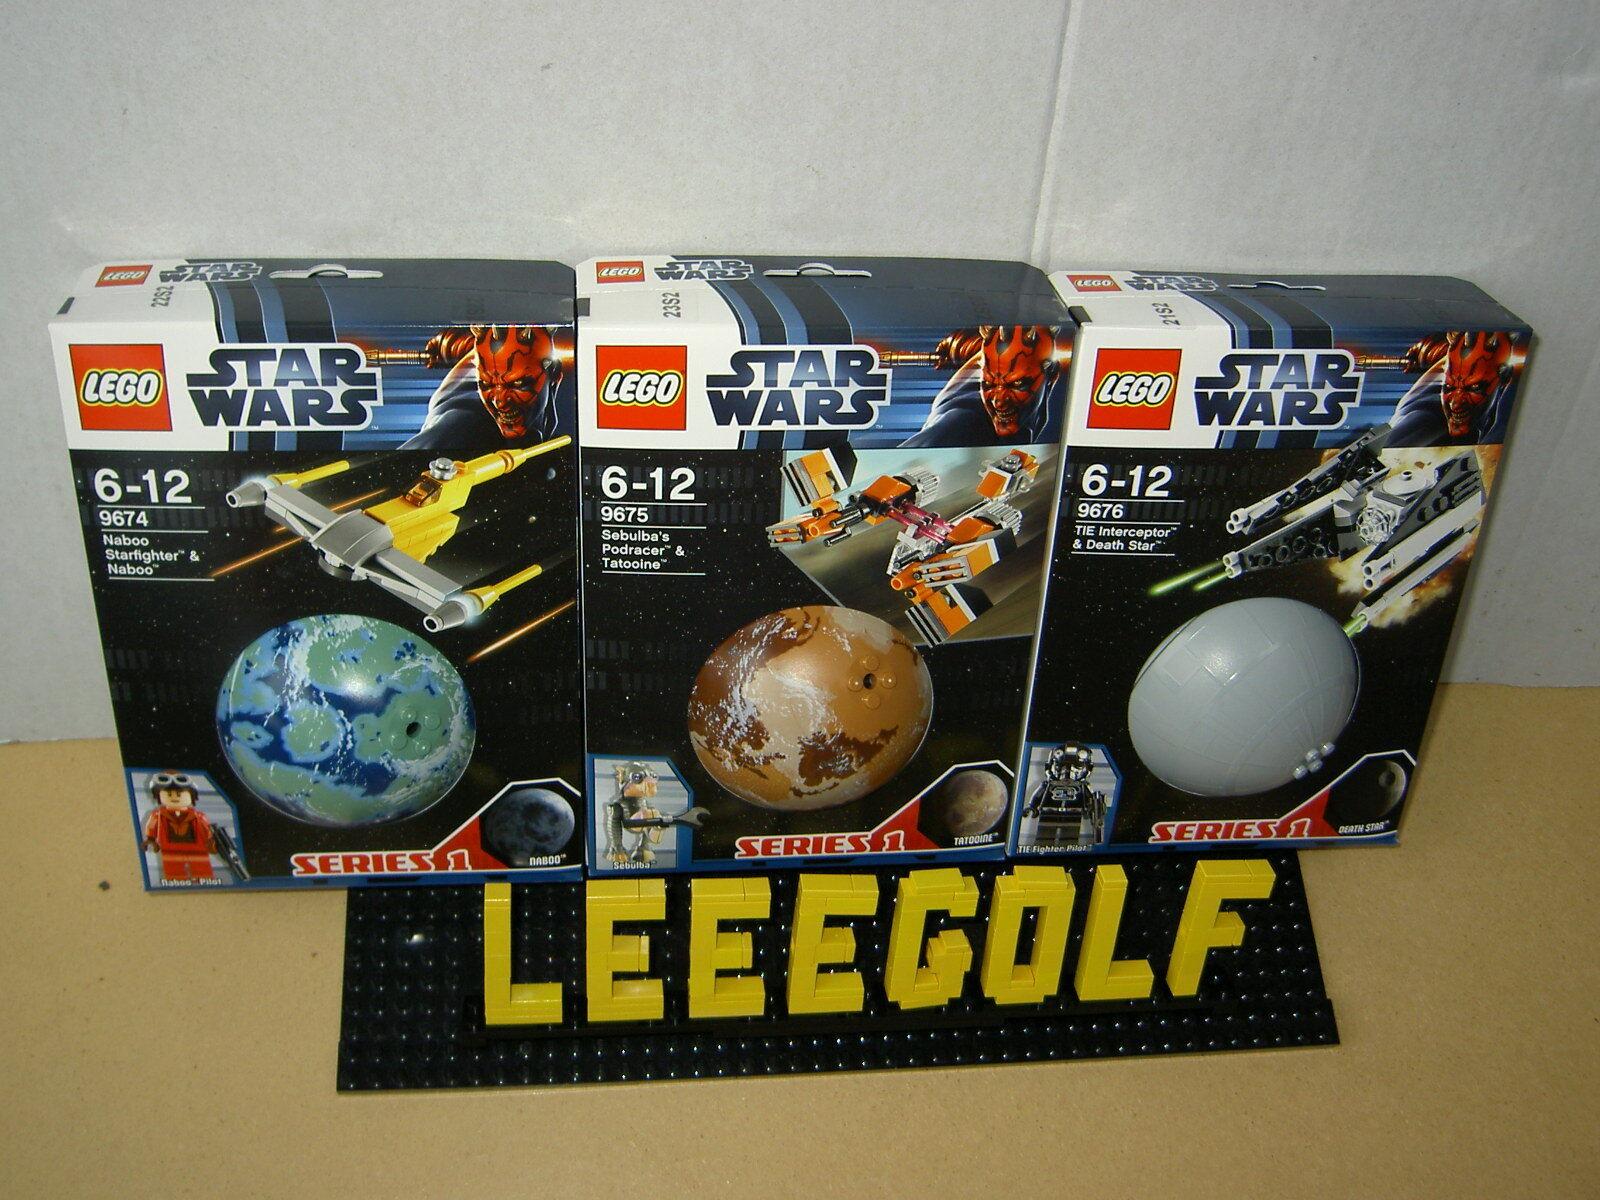 NEU Lego STARWARS Planeten Serie 1   9674 + 9675 + 9676 NEU + ungeöffnet + OVP